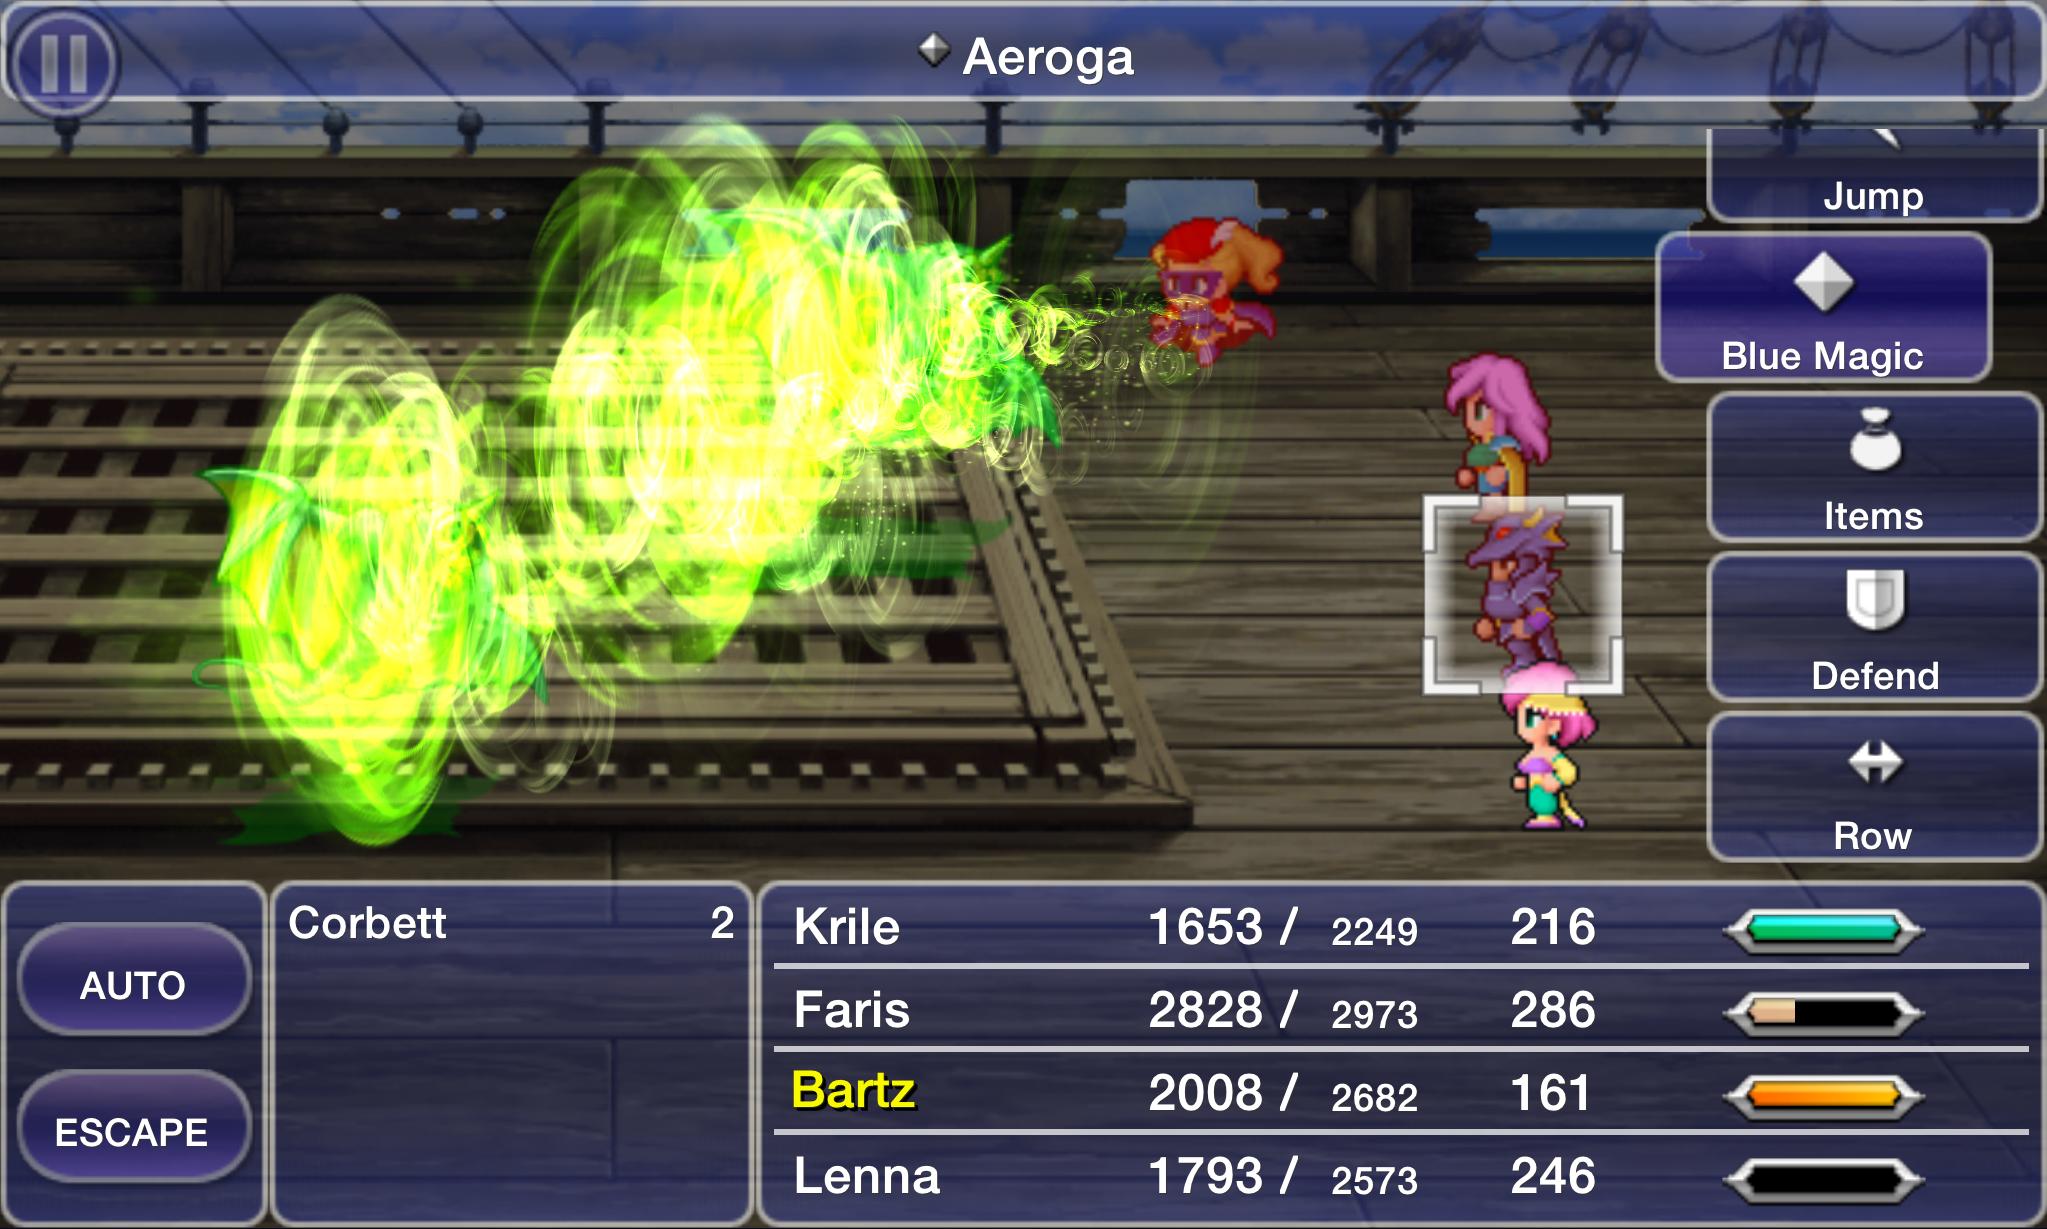 Aeroga